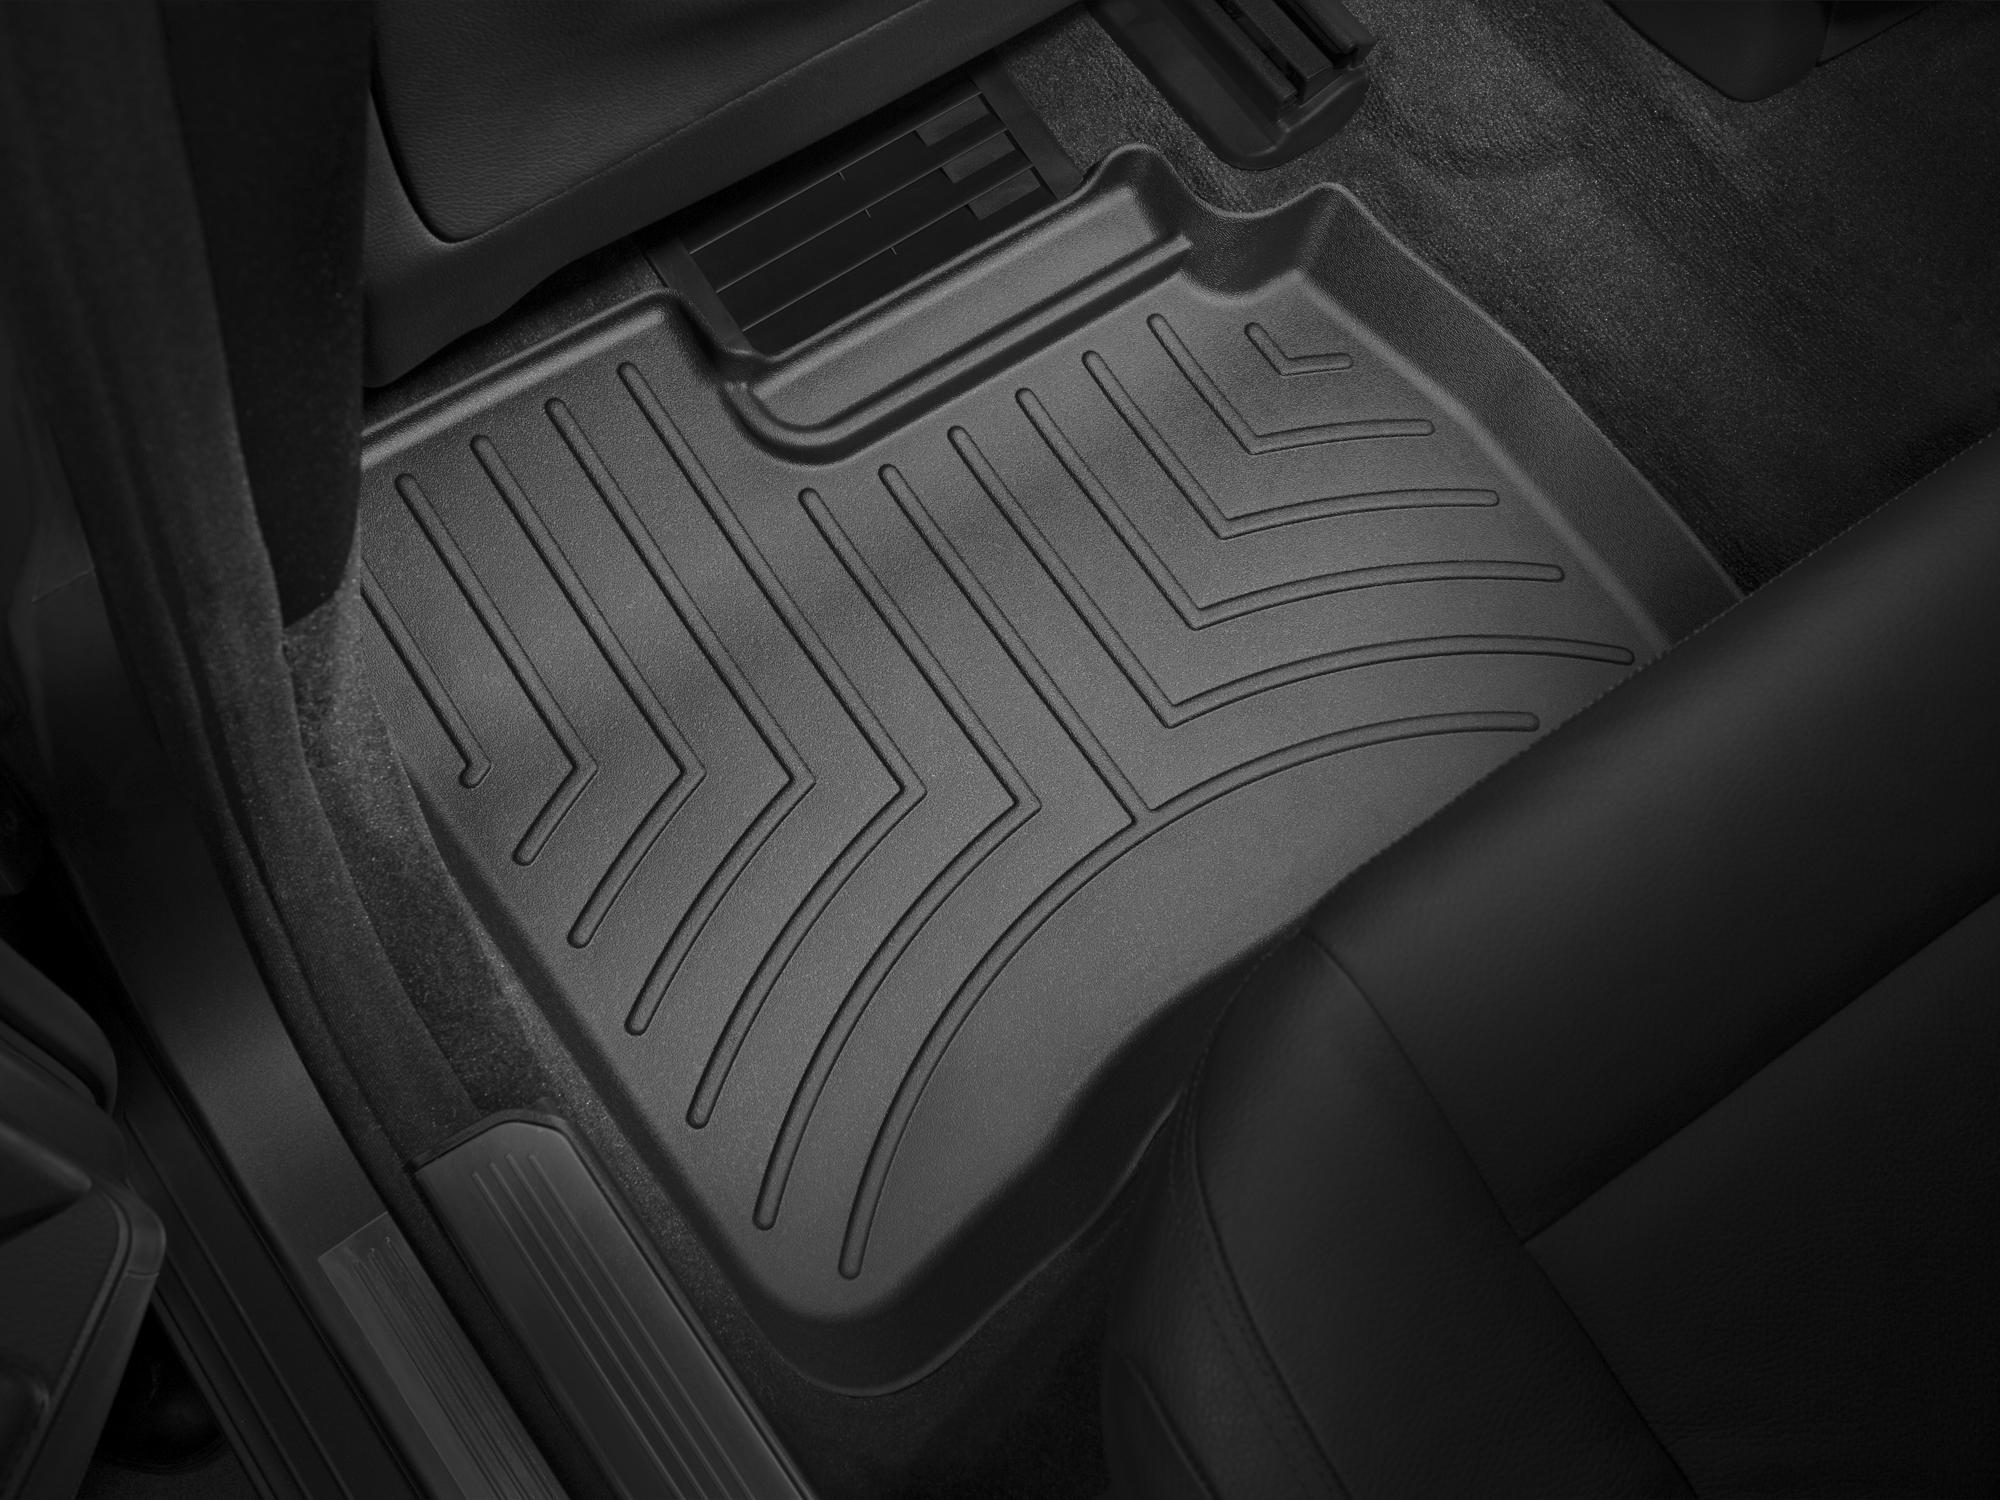 Tappeti gomma su misura bordo alto Mercedes S-Class 06>12 Nero A2563